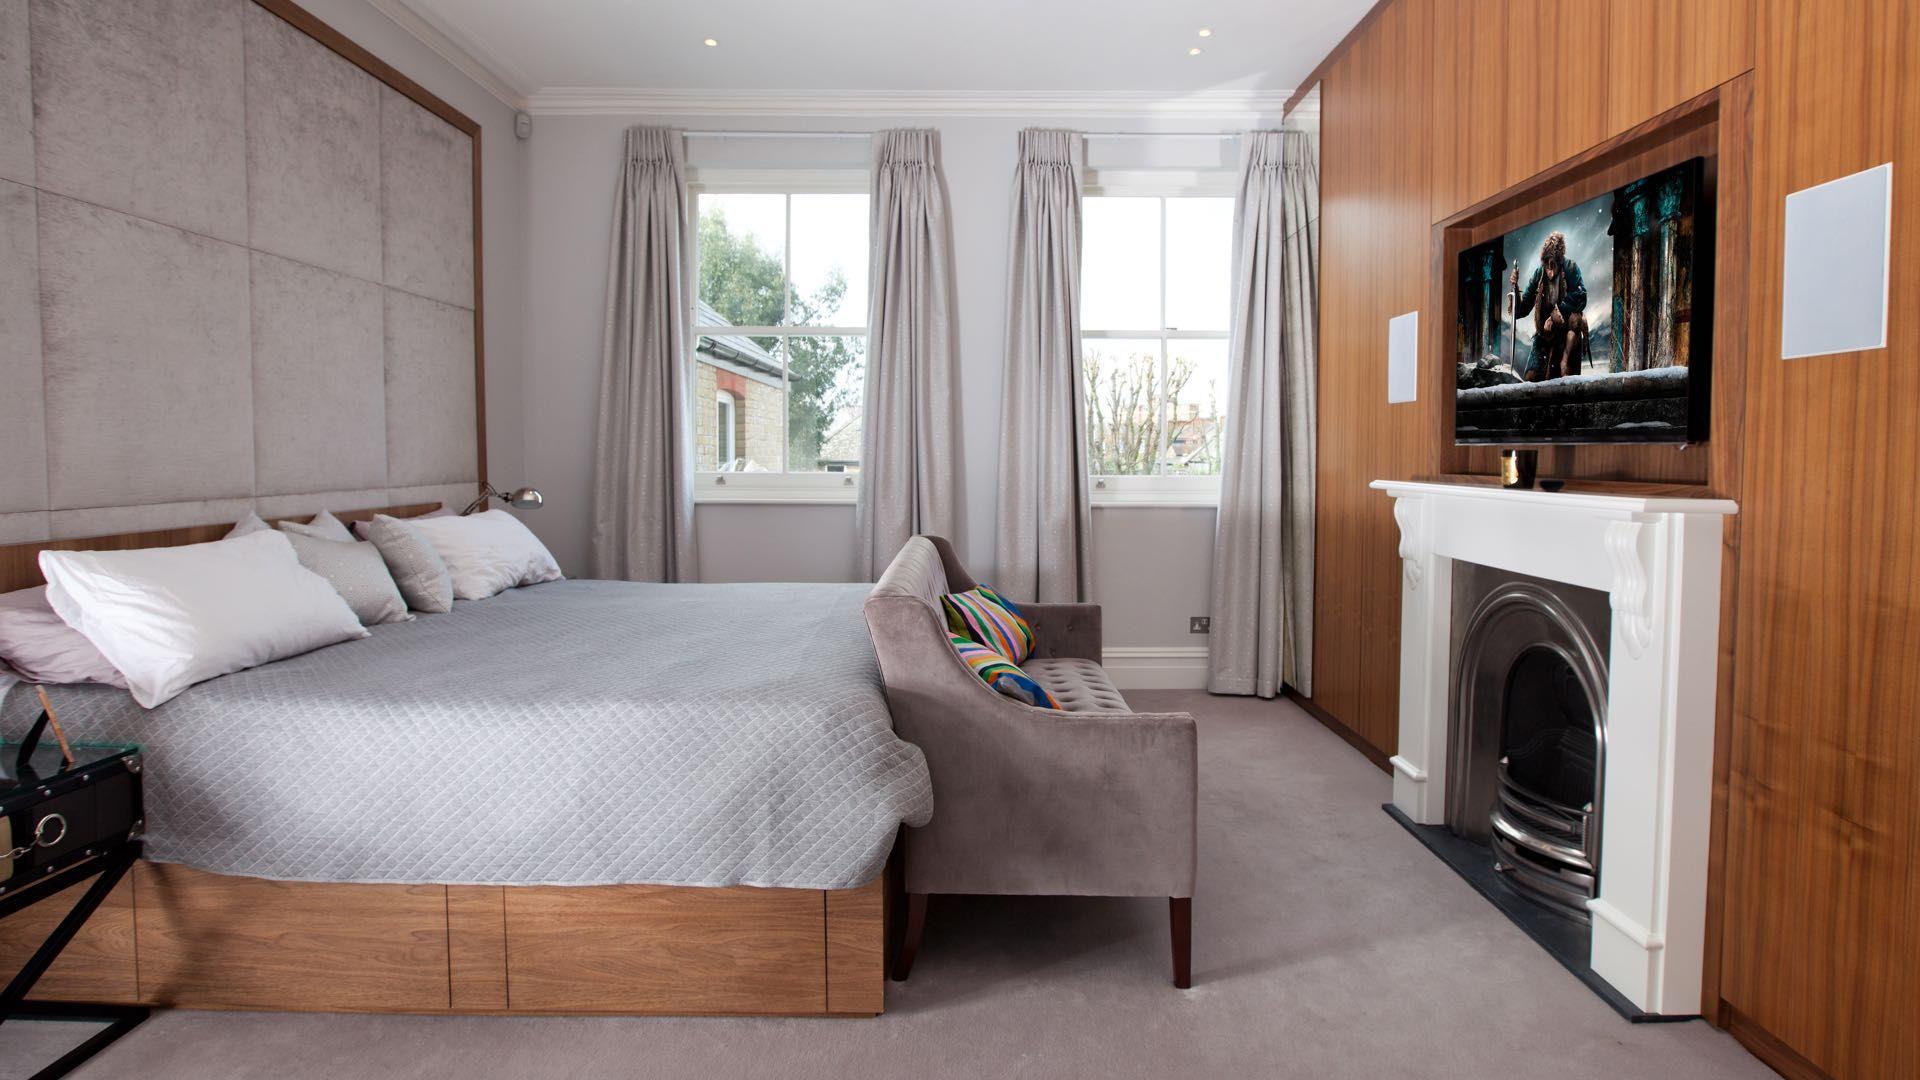 Unique Wall Mount Tv Ideas Bedroom